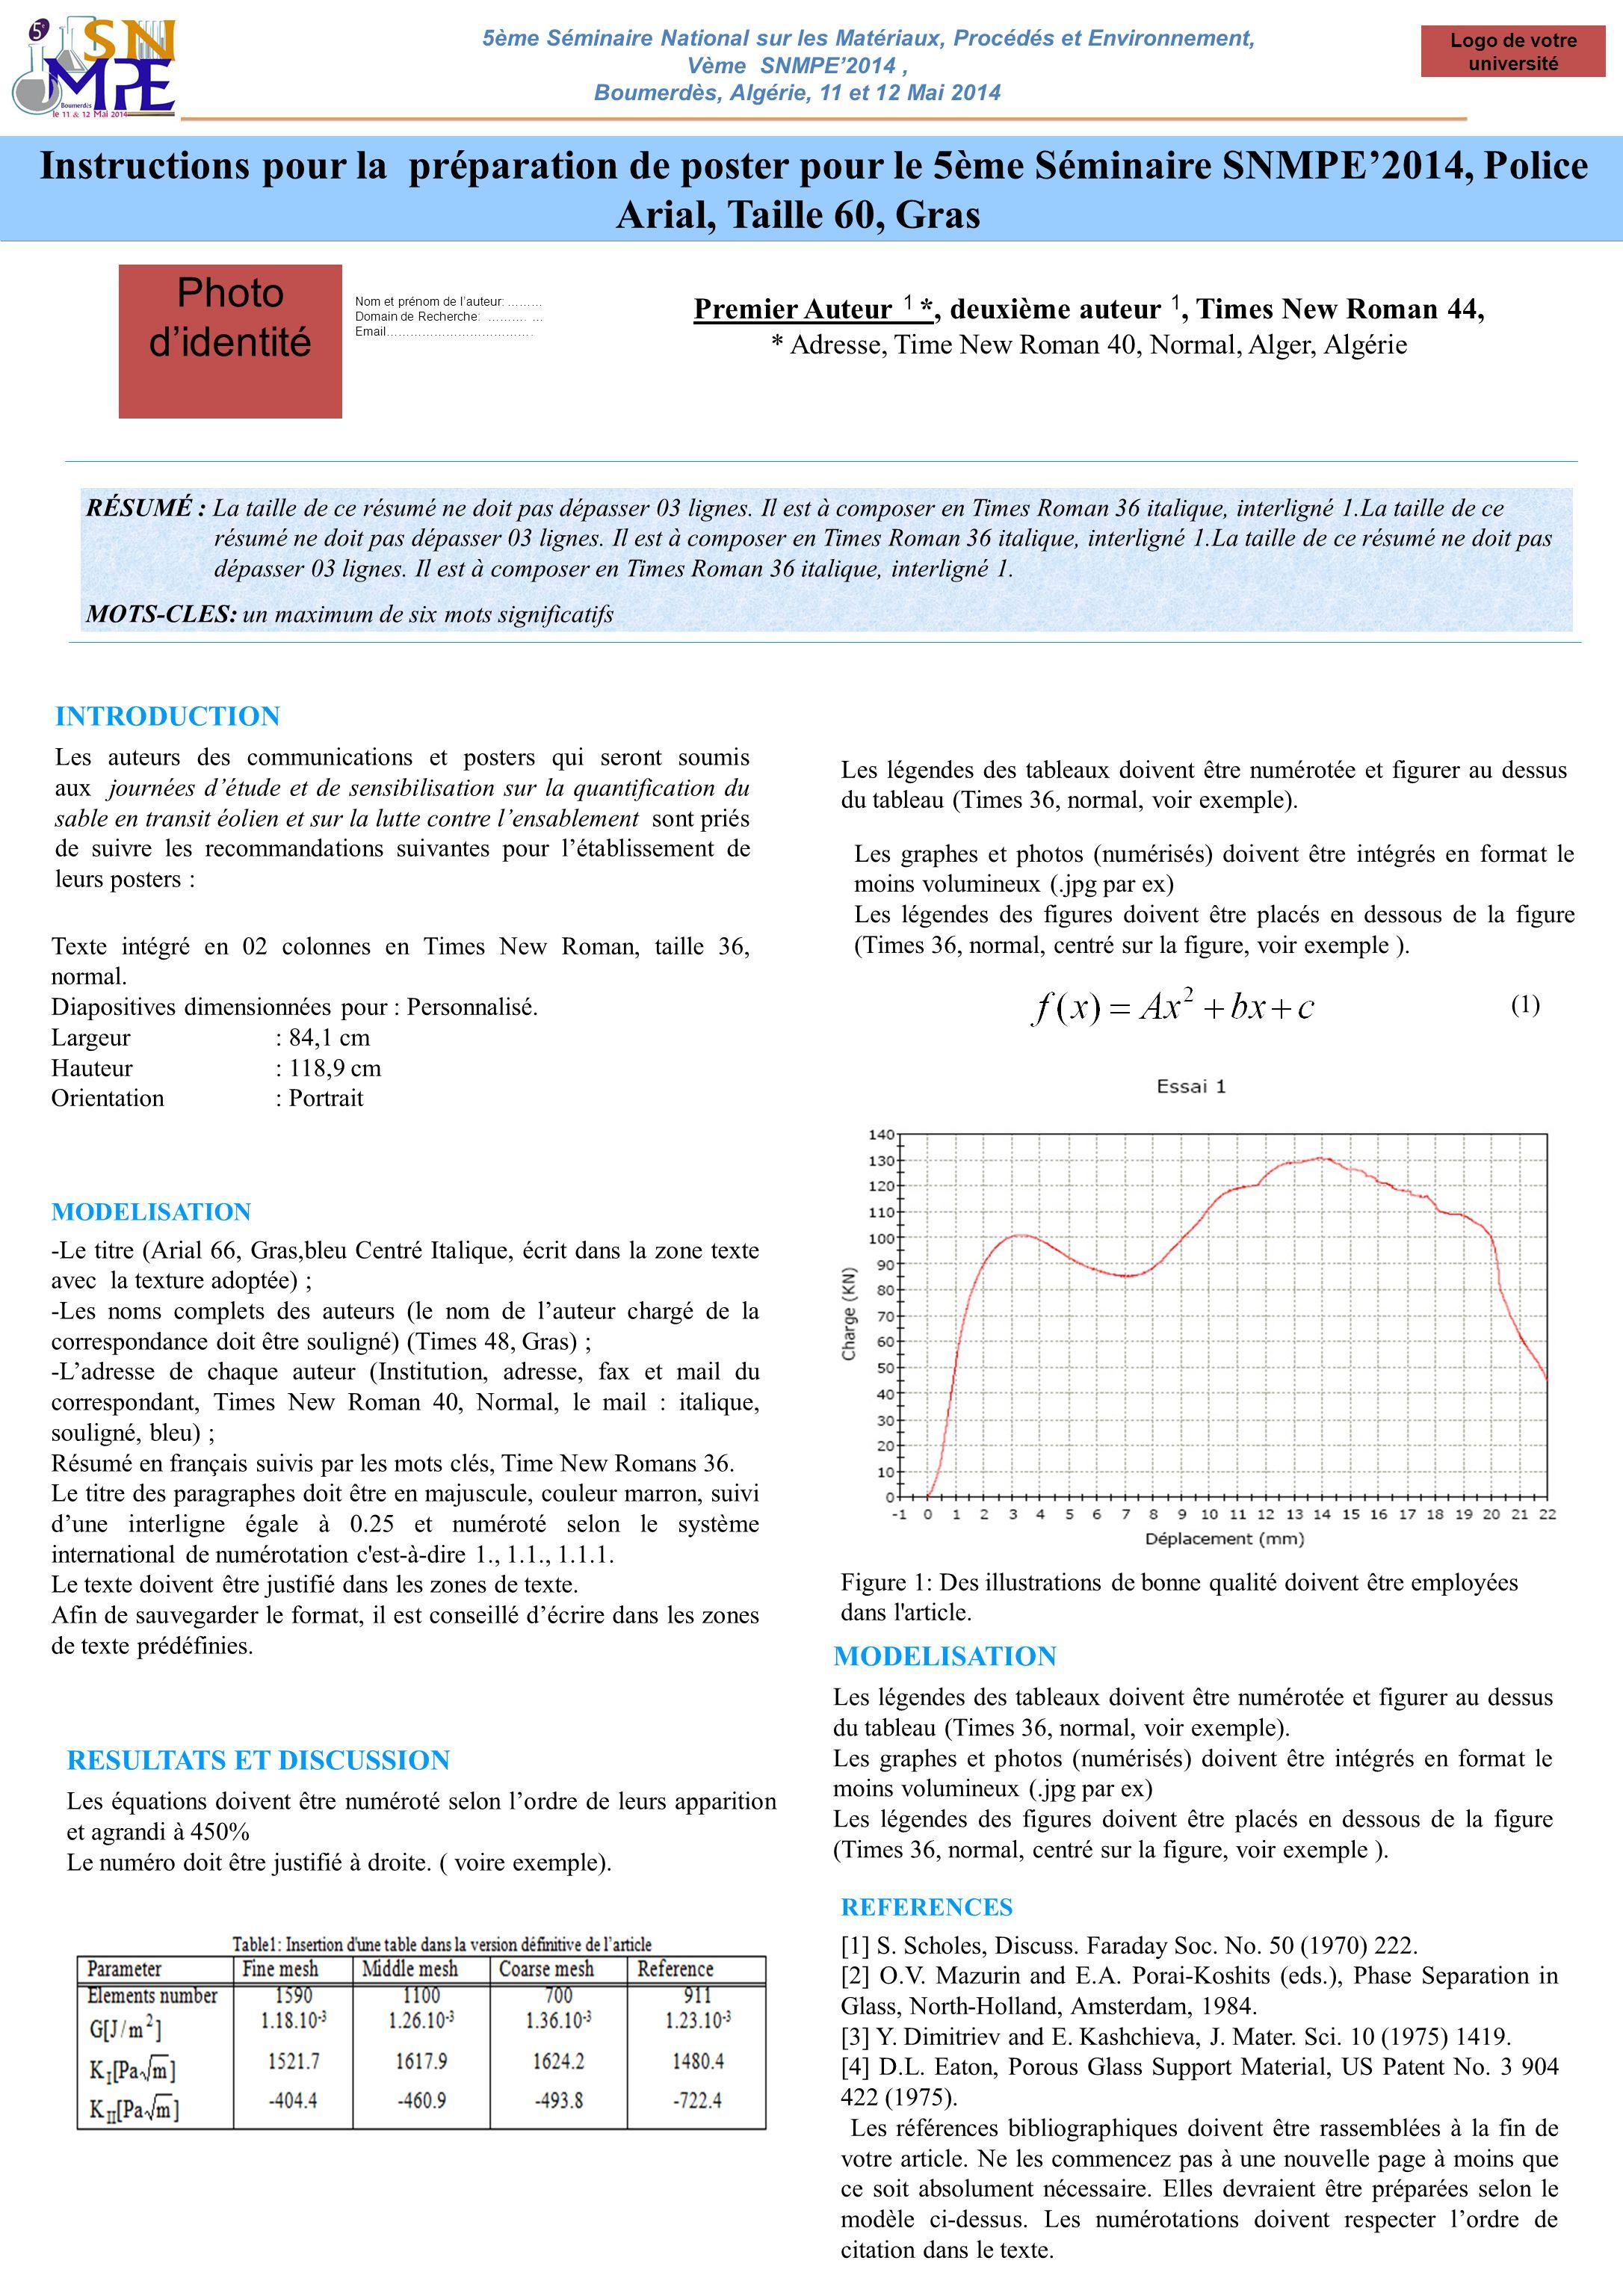 Instructions pour la préparation de poster pour le 5ème Séminaire SNMPE2014, Police Arial, Taille 60, Gras Premier Auteur 1 *, deuxième auteur 1, Time